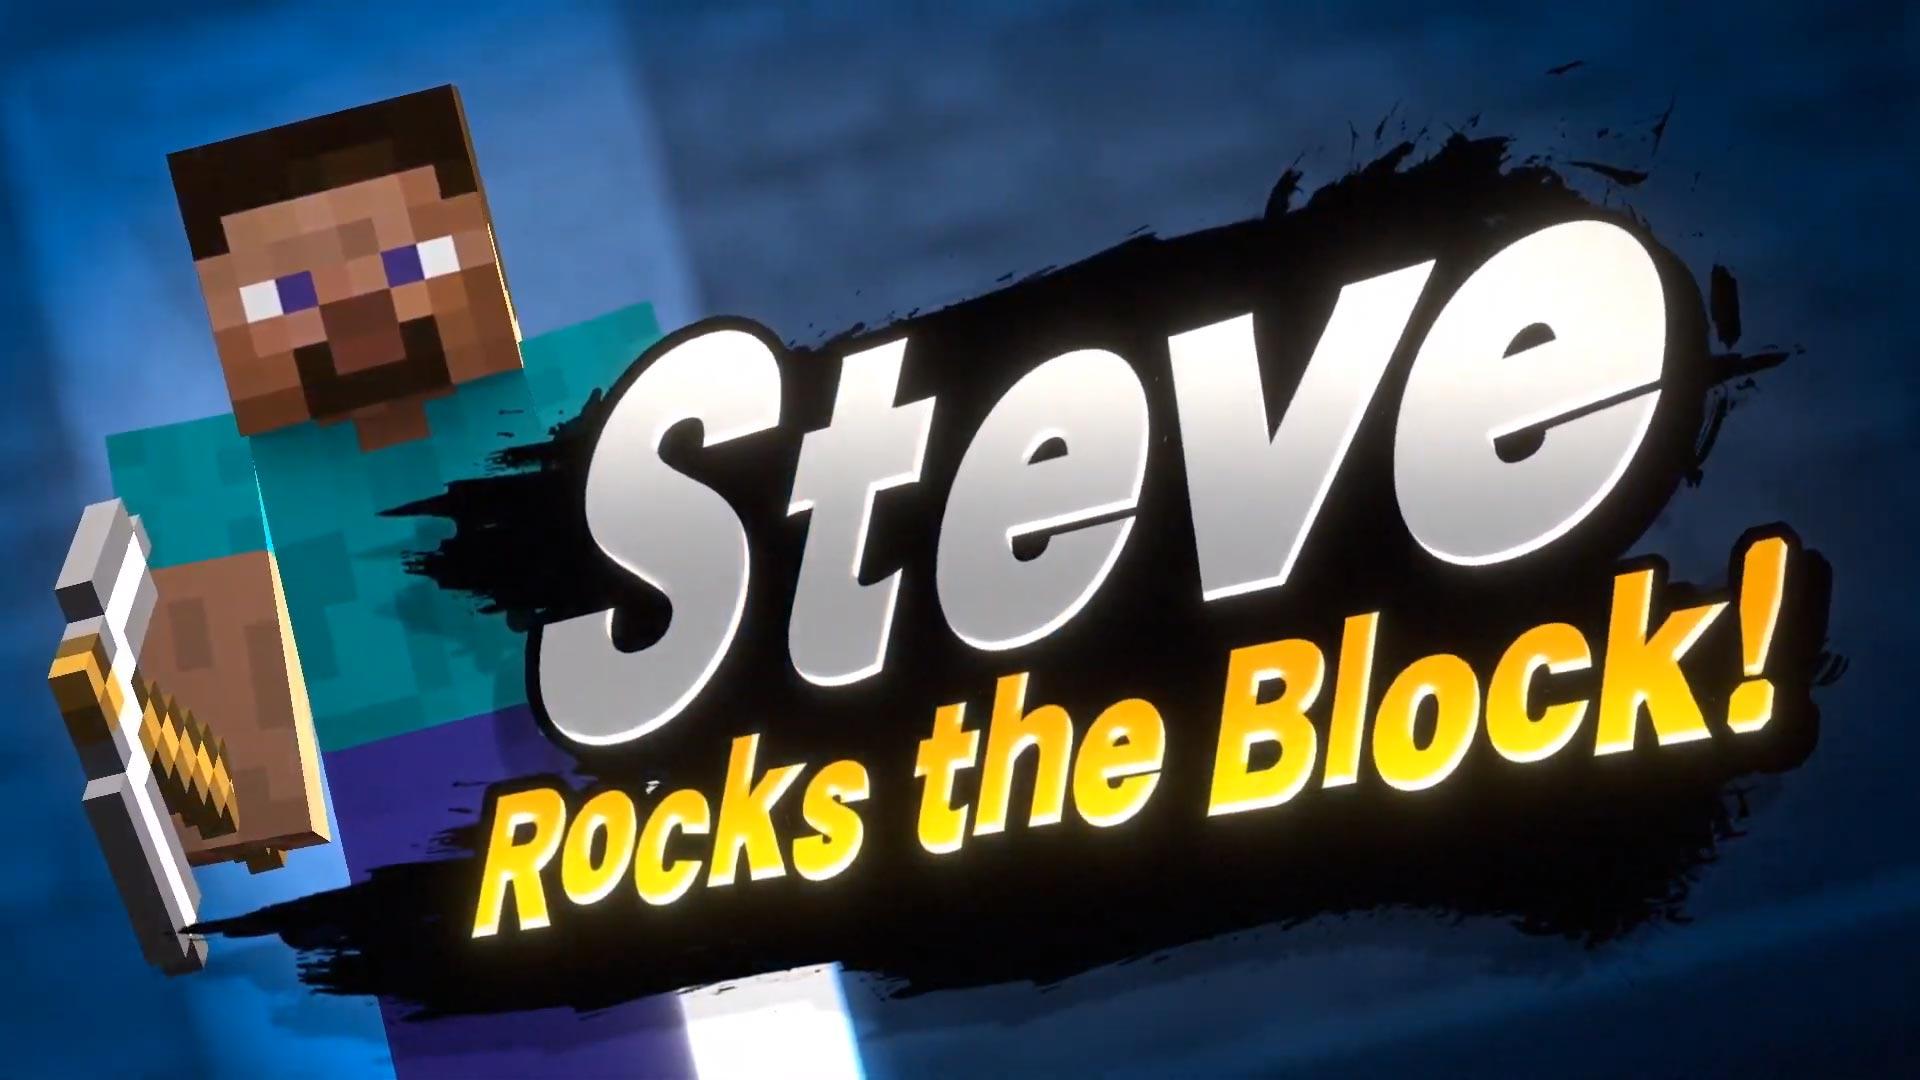 Steve z Minecraftu se přidá do Super Smash Bros. Ultimate